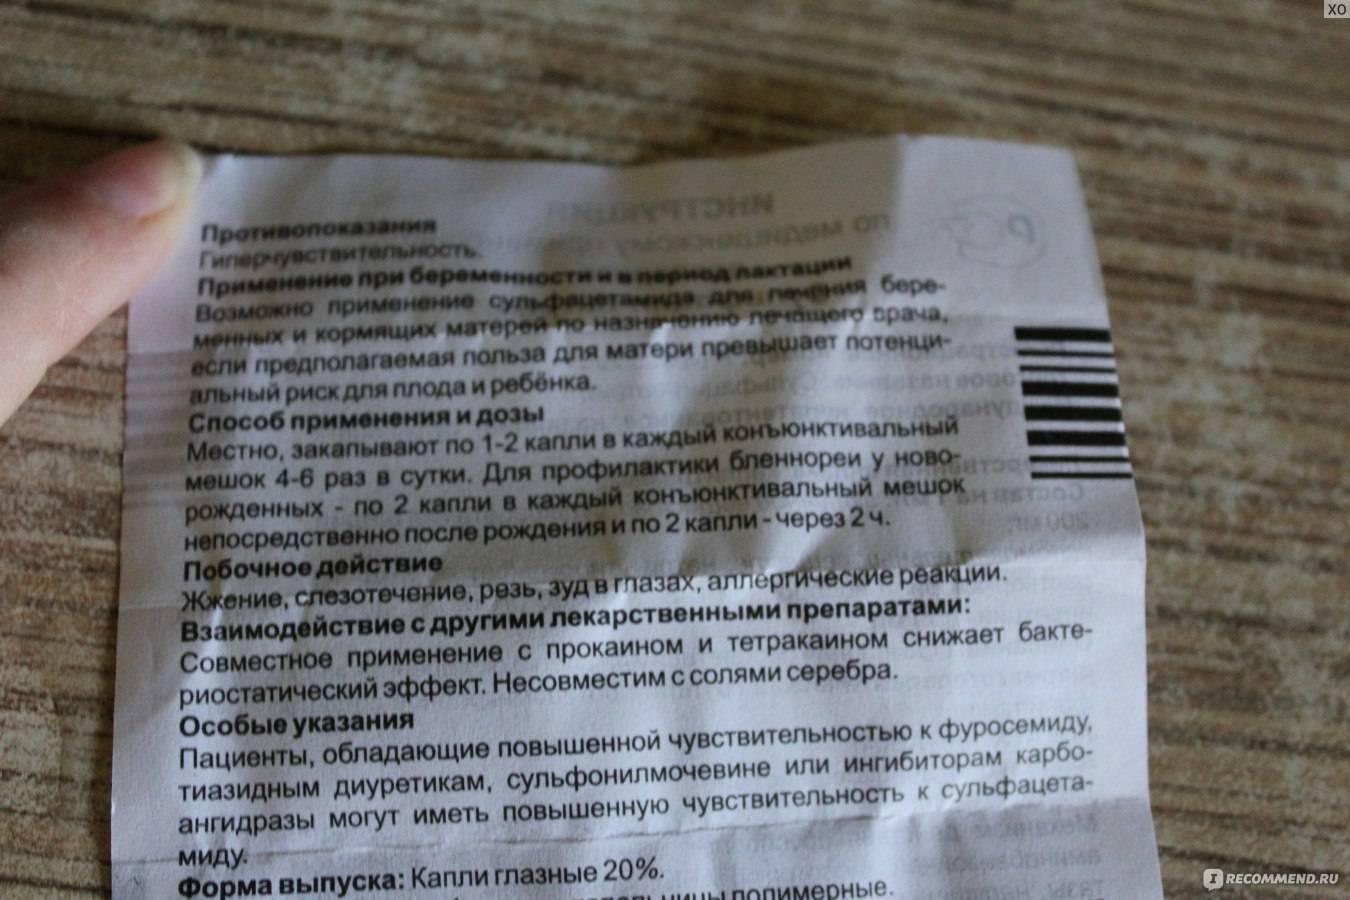 Тобрекс глазные капли: инструкция по применению, аналоги и отзывы, цены в аптеках россии